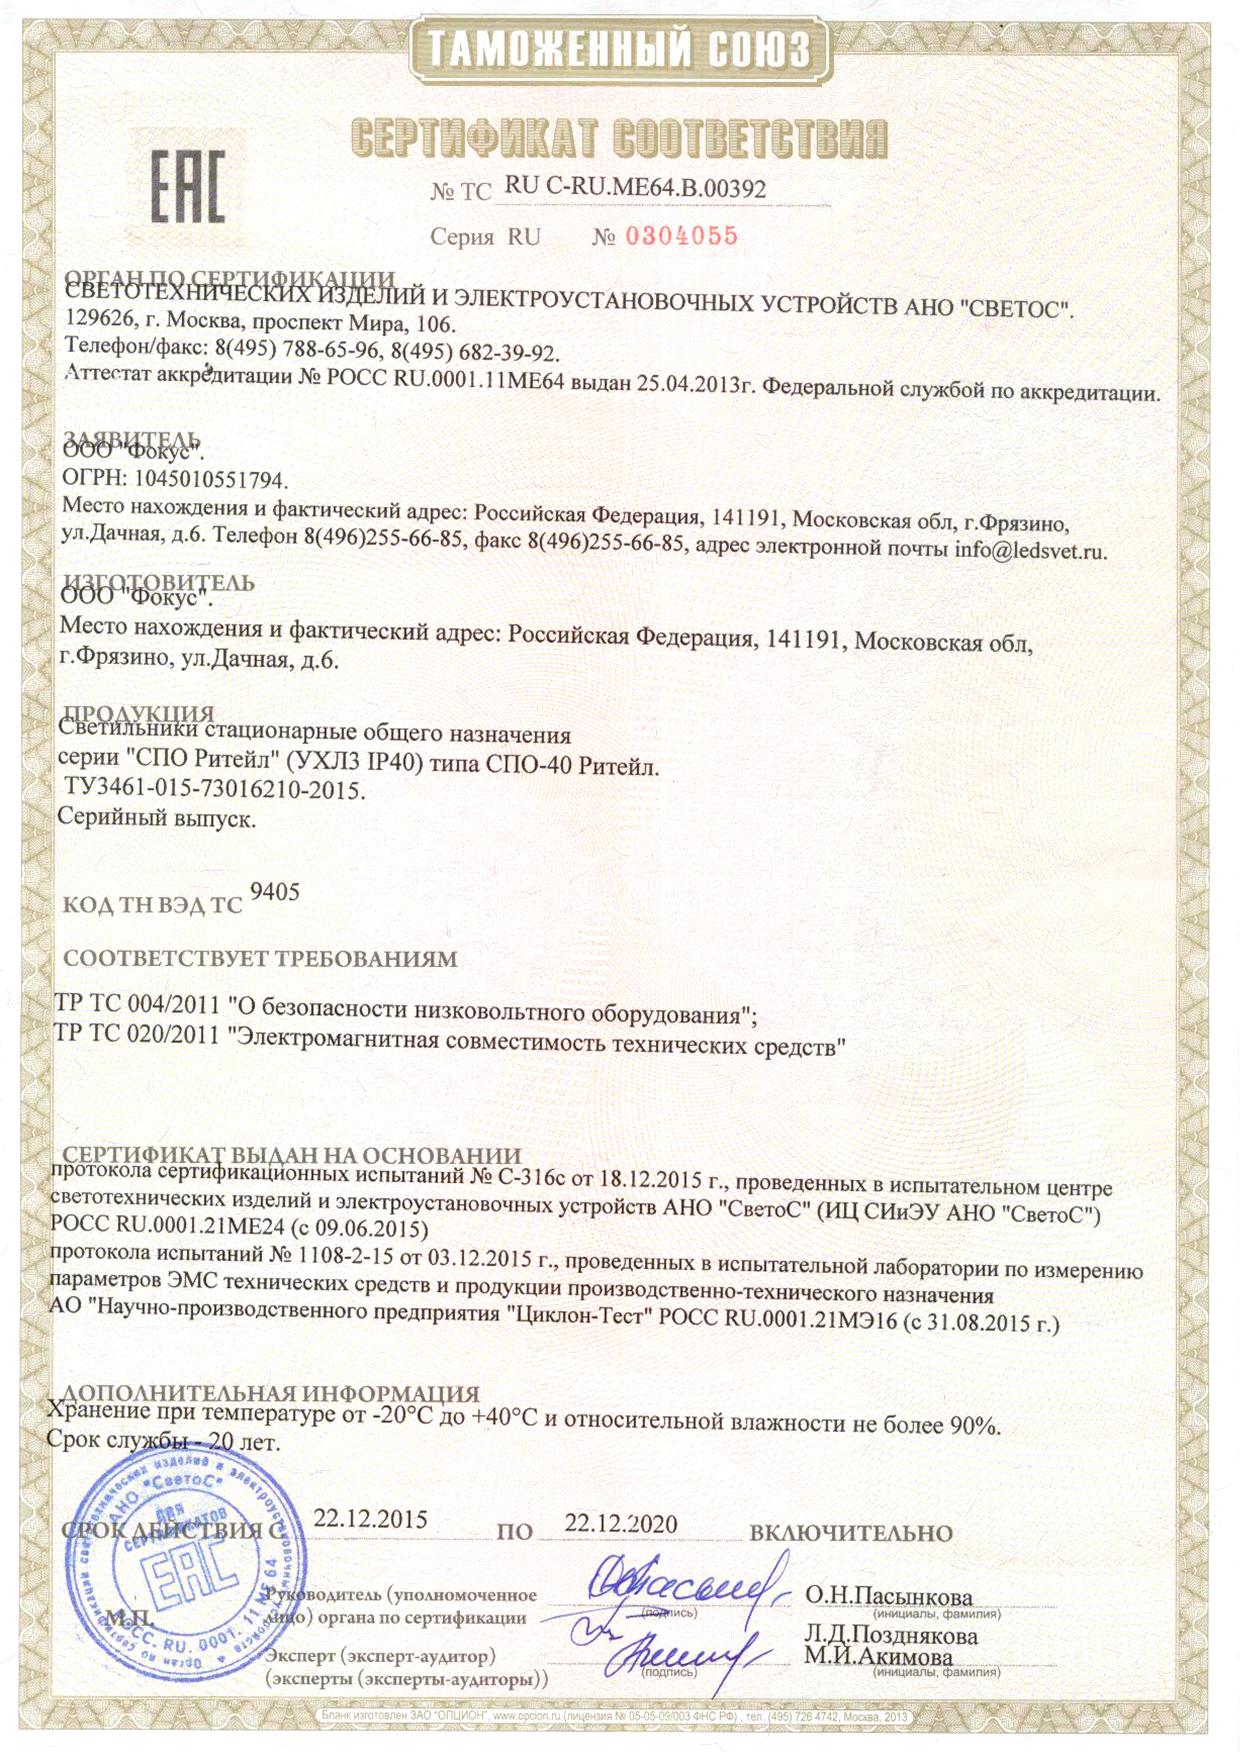 Сертификат соответствия Таможенного союза на светильники СПО Ритейл